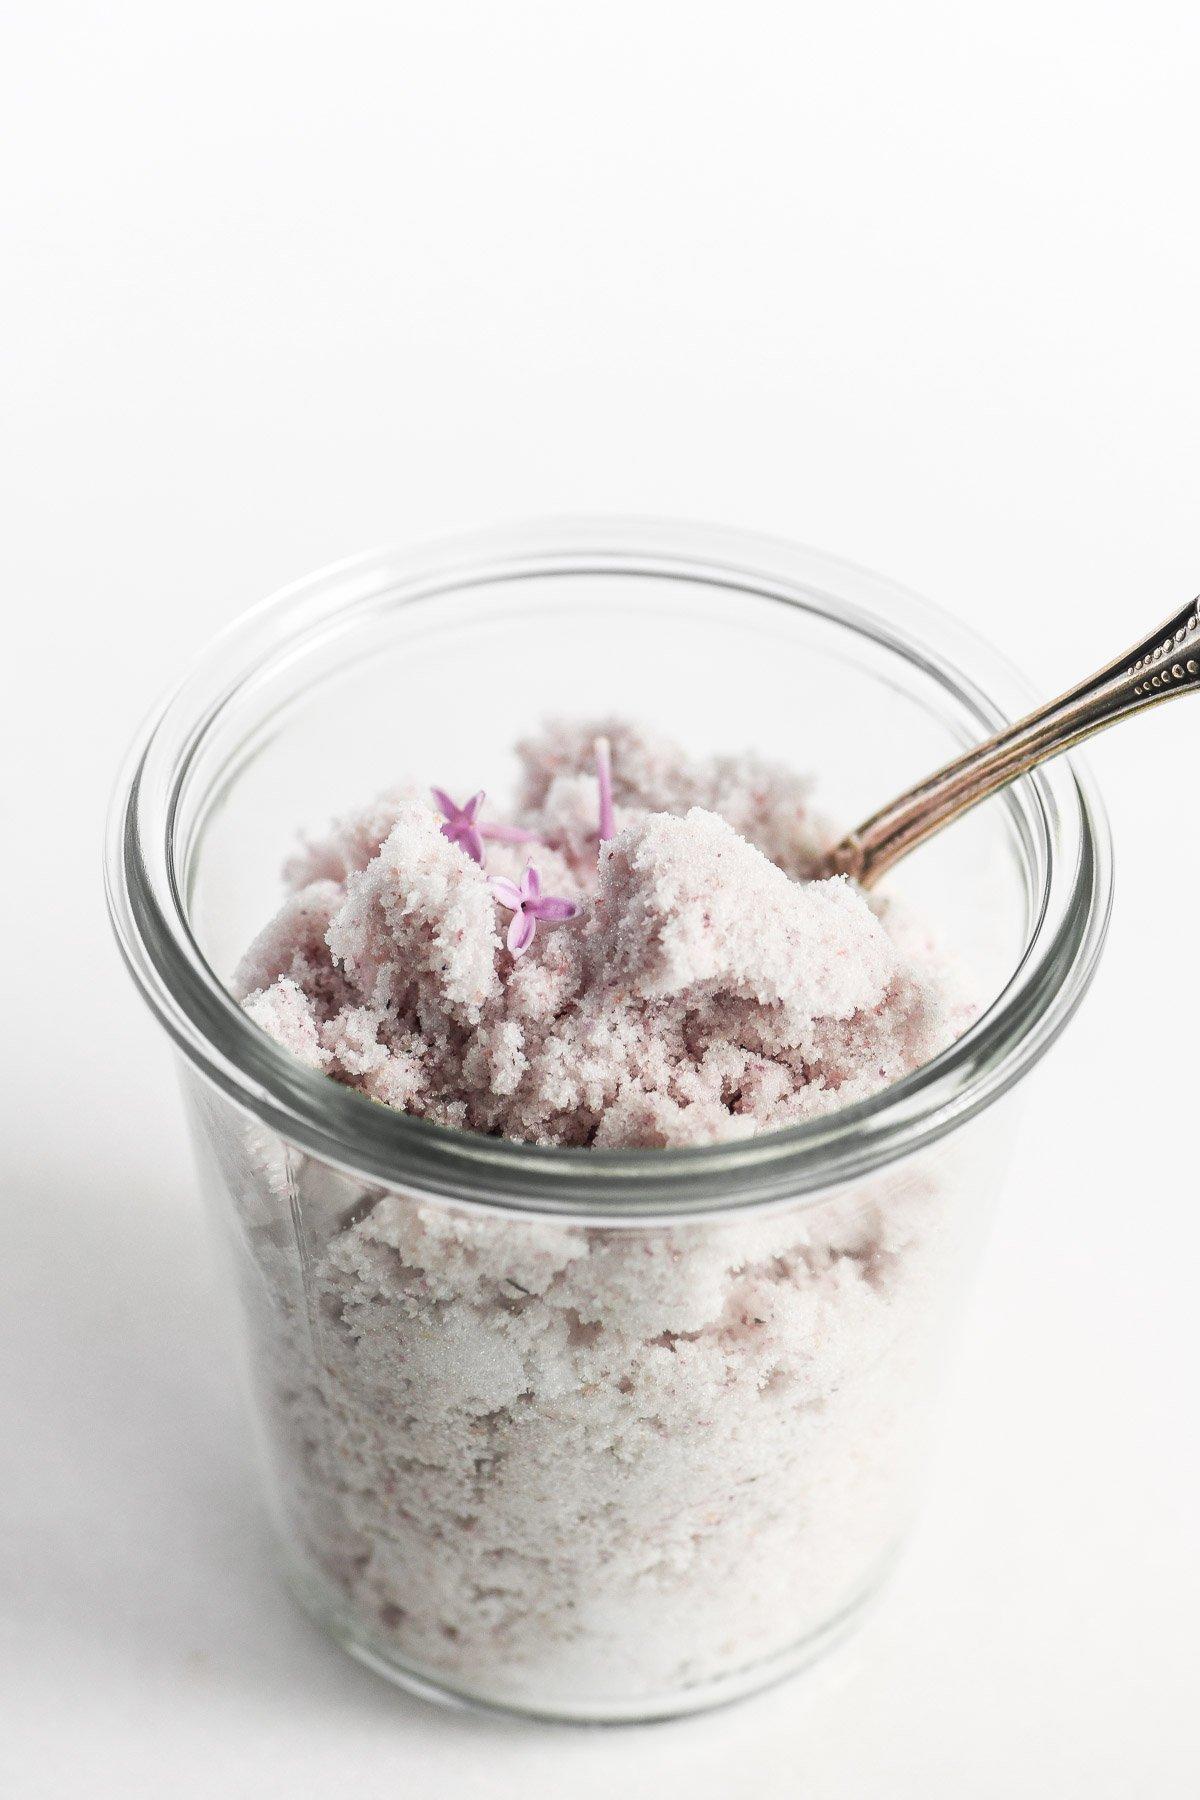 lilac sugar in a jar